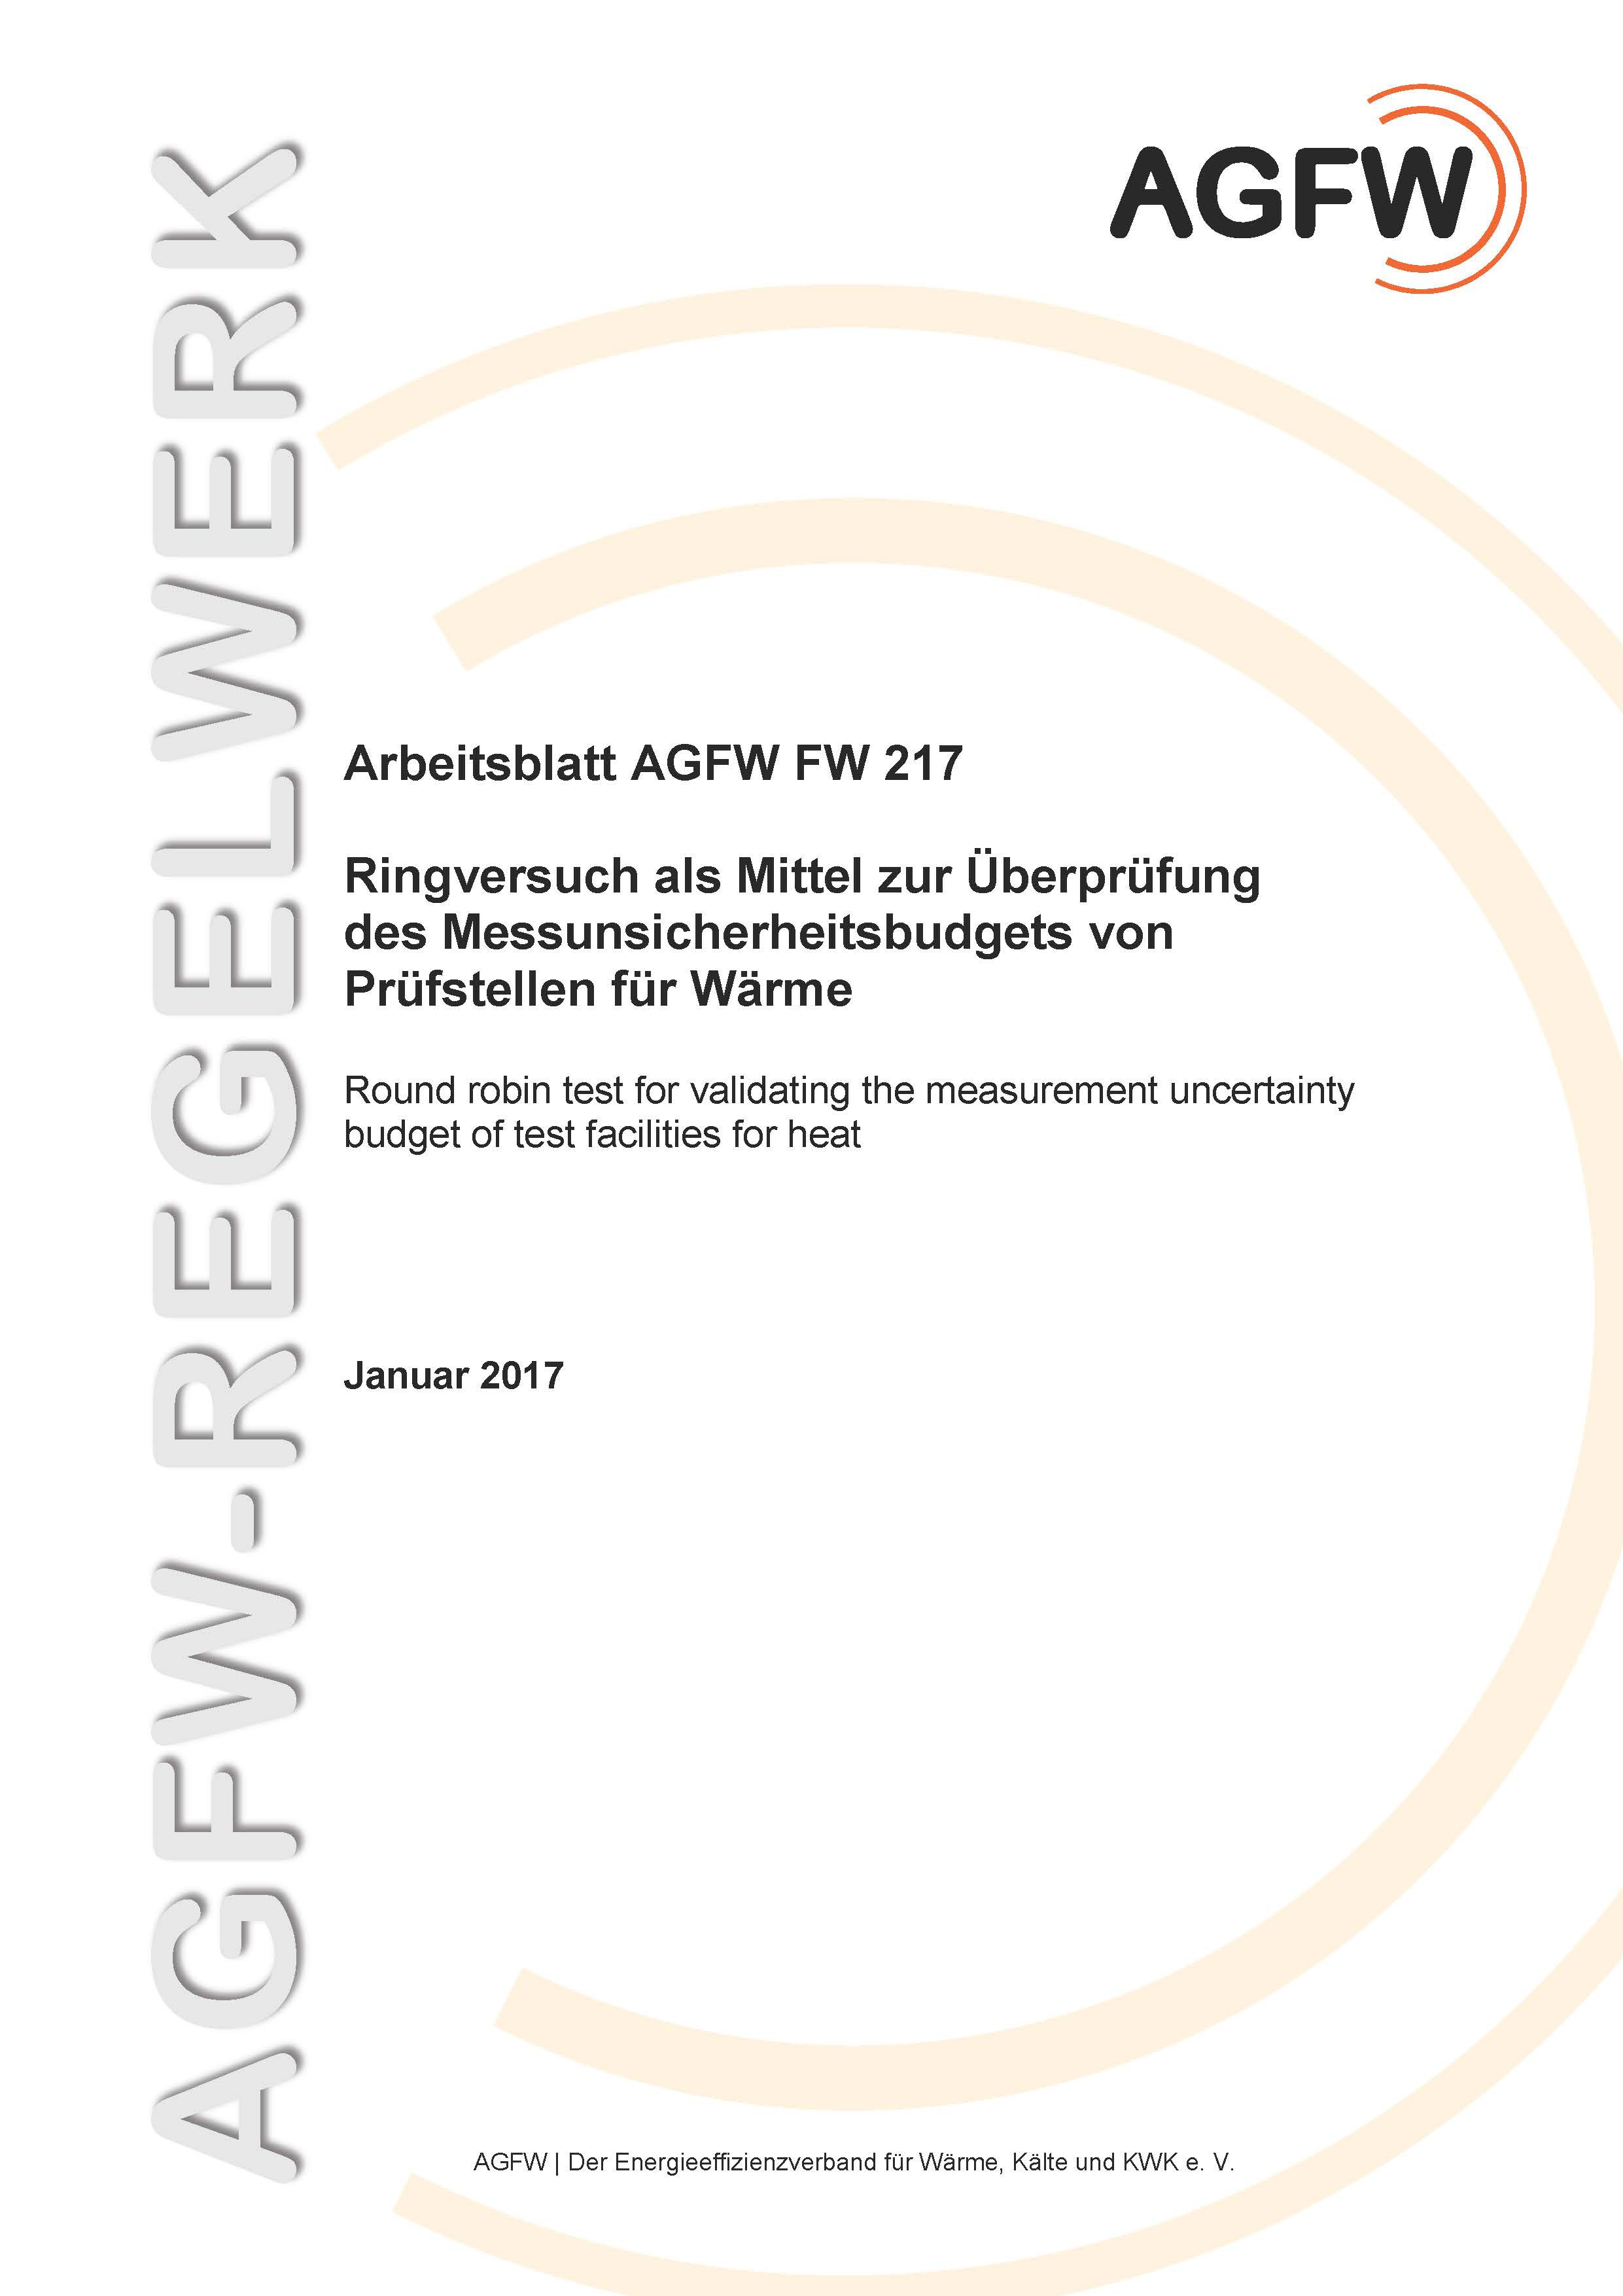 FW 217 - Ringversuch als Mittel zur Überprüfung des ...